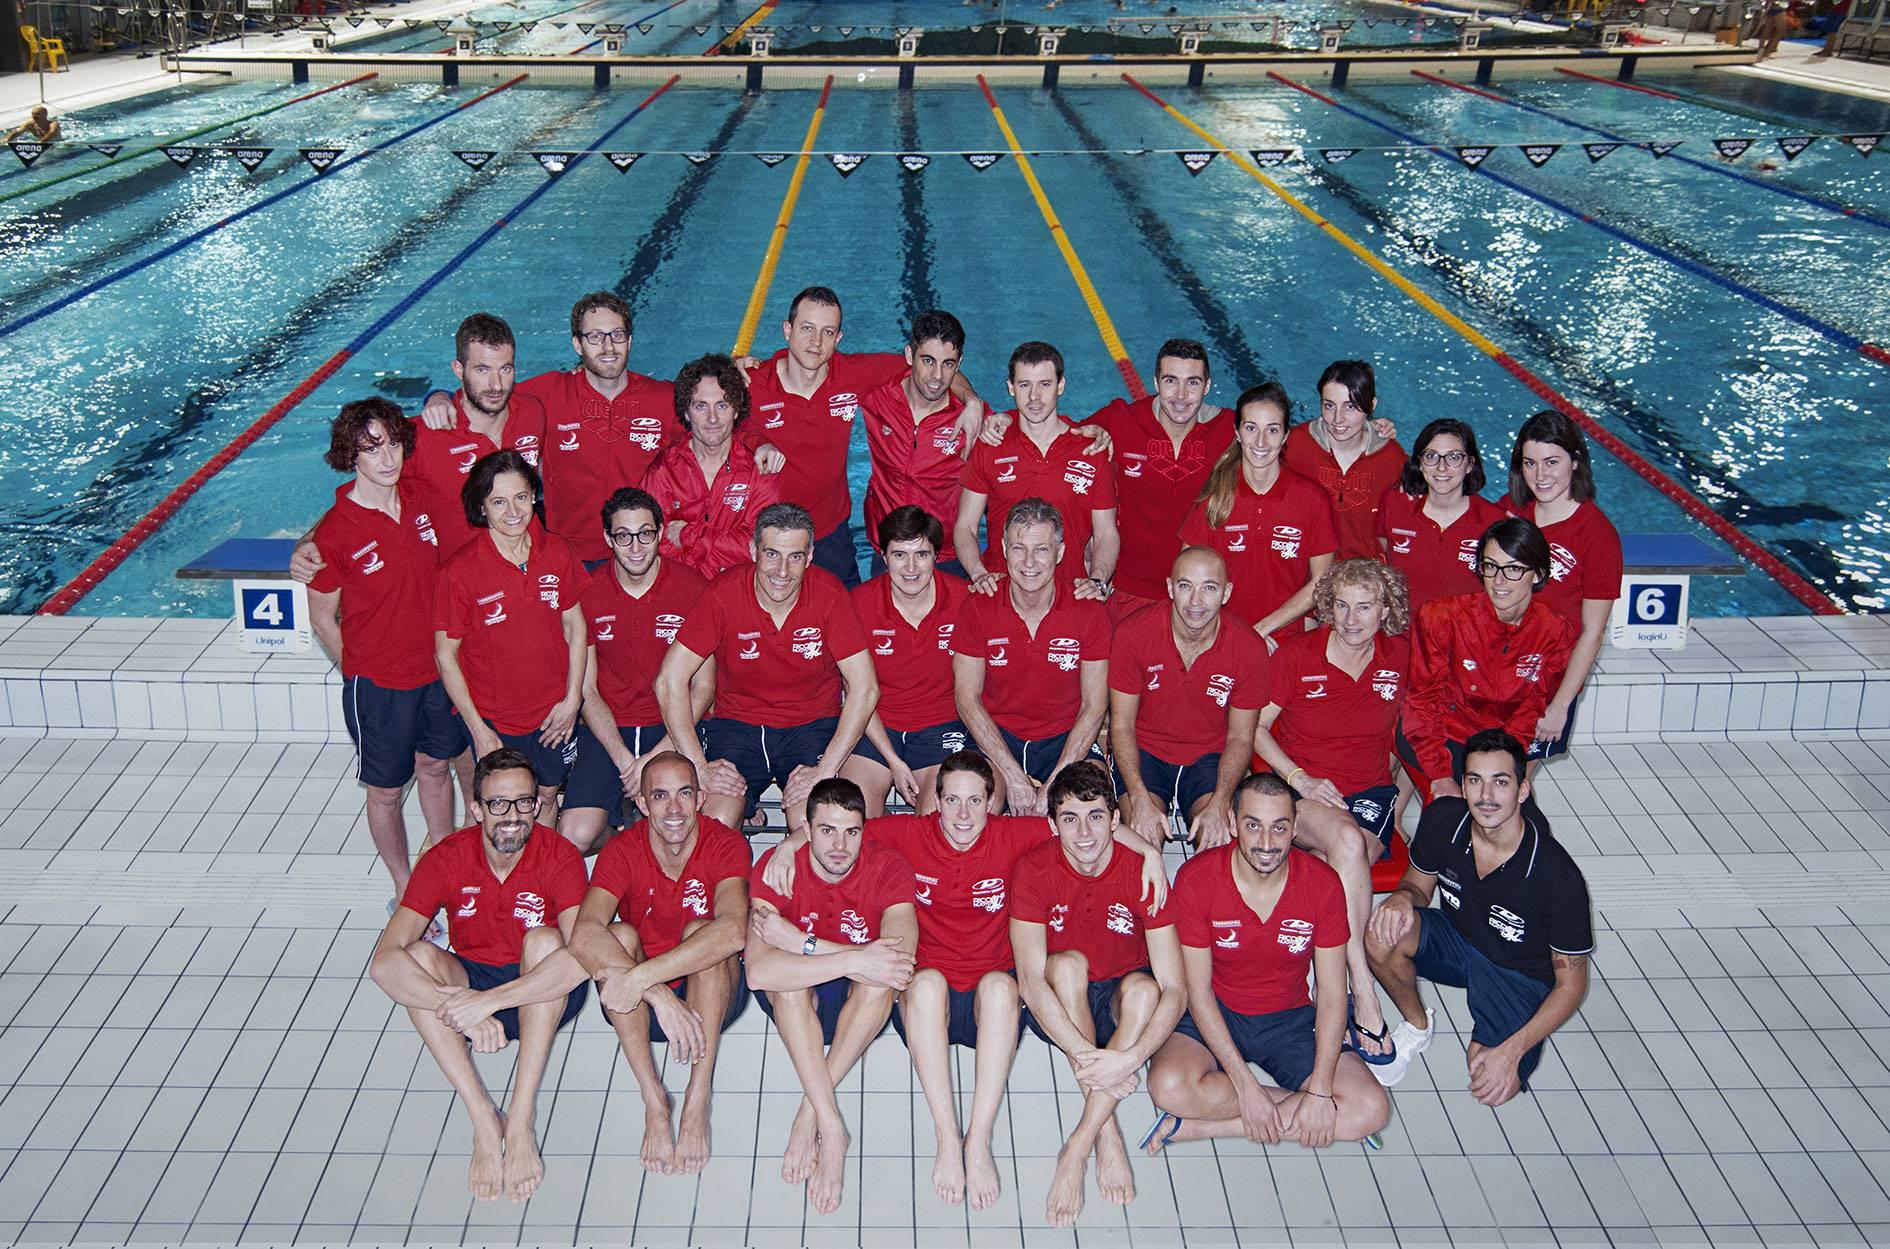 Domenica 14 febbraio e domenica 21 febbraio i Campionati Regionali di Nuoto Master